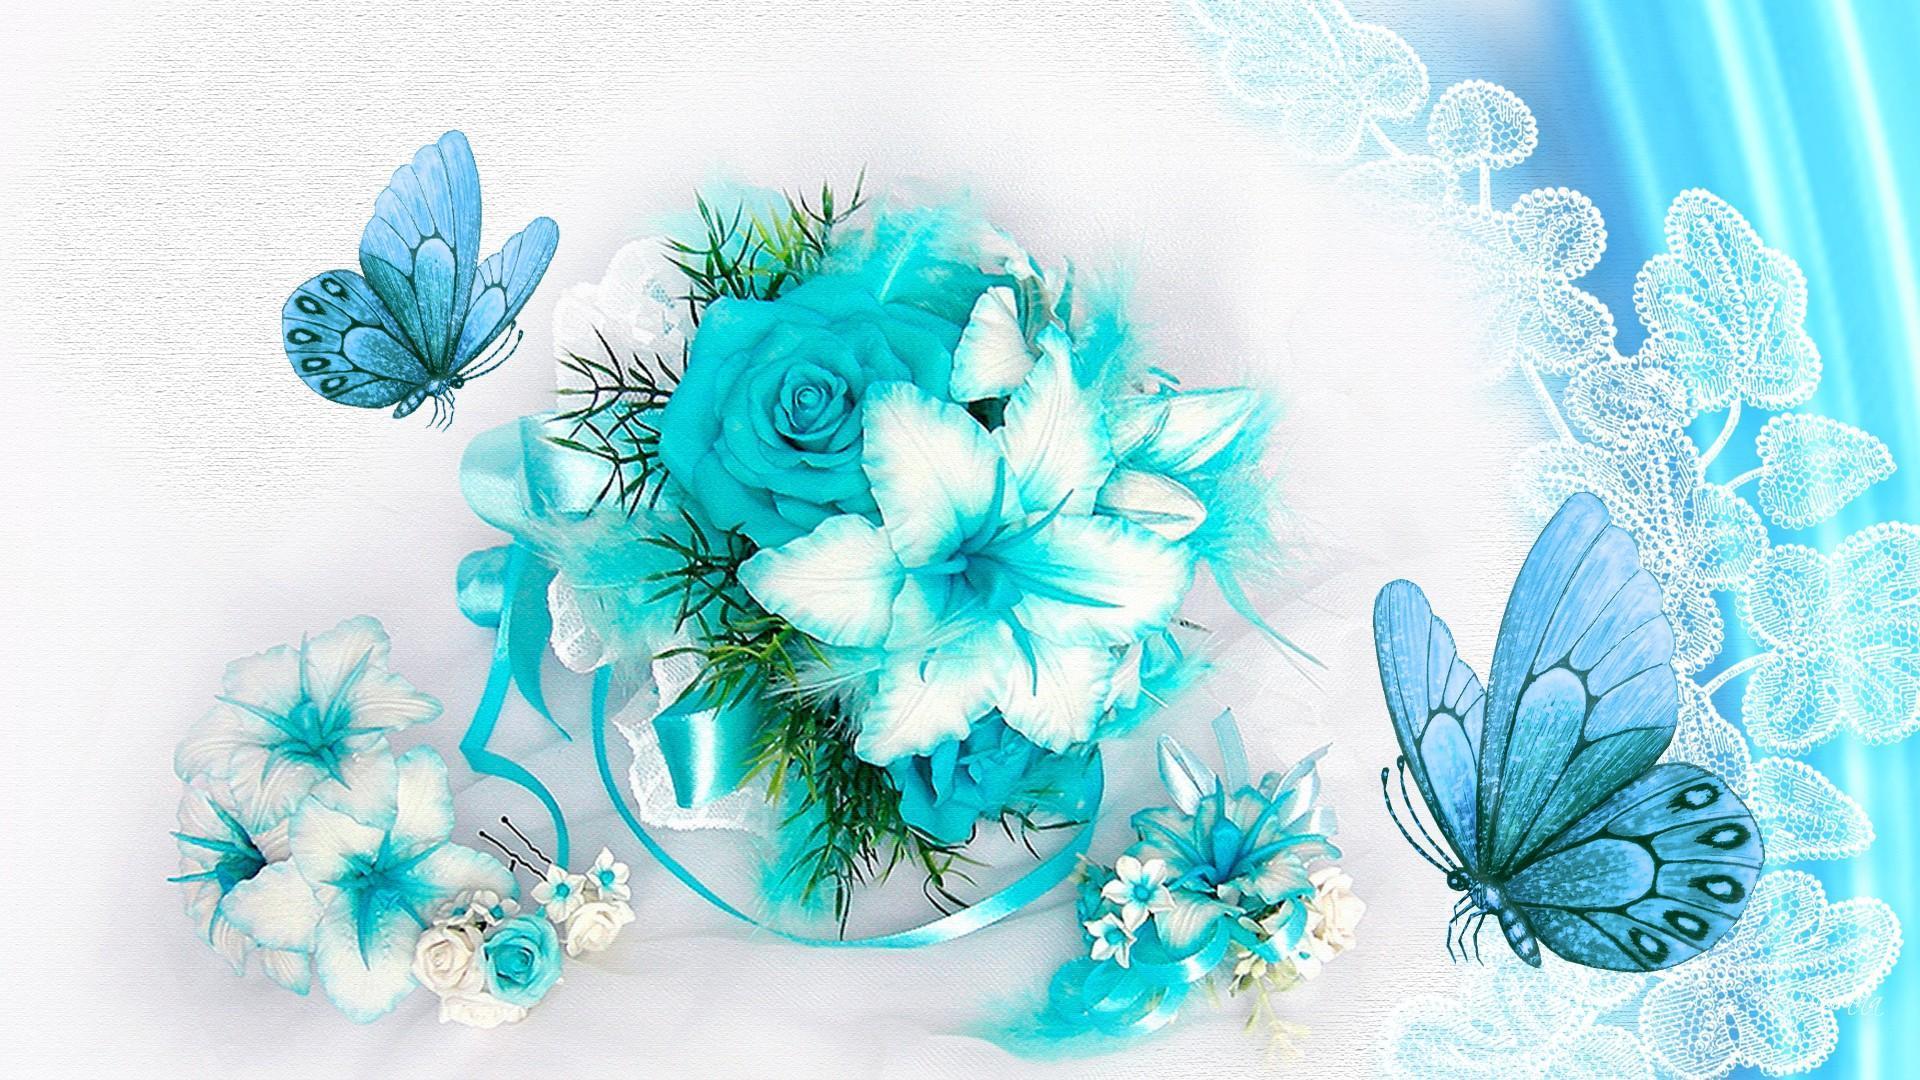 Flowers And Butterflies Fondo De Pantalla Hd Fondo De Escritorio